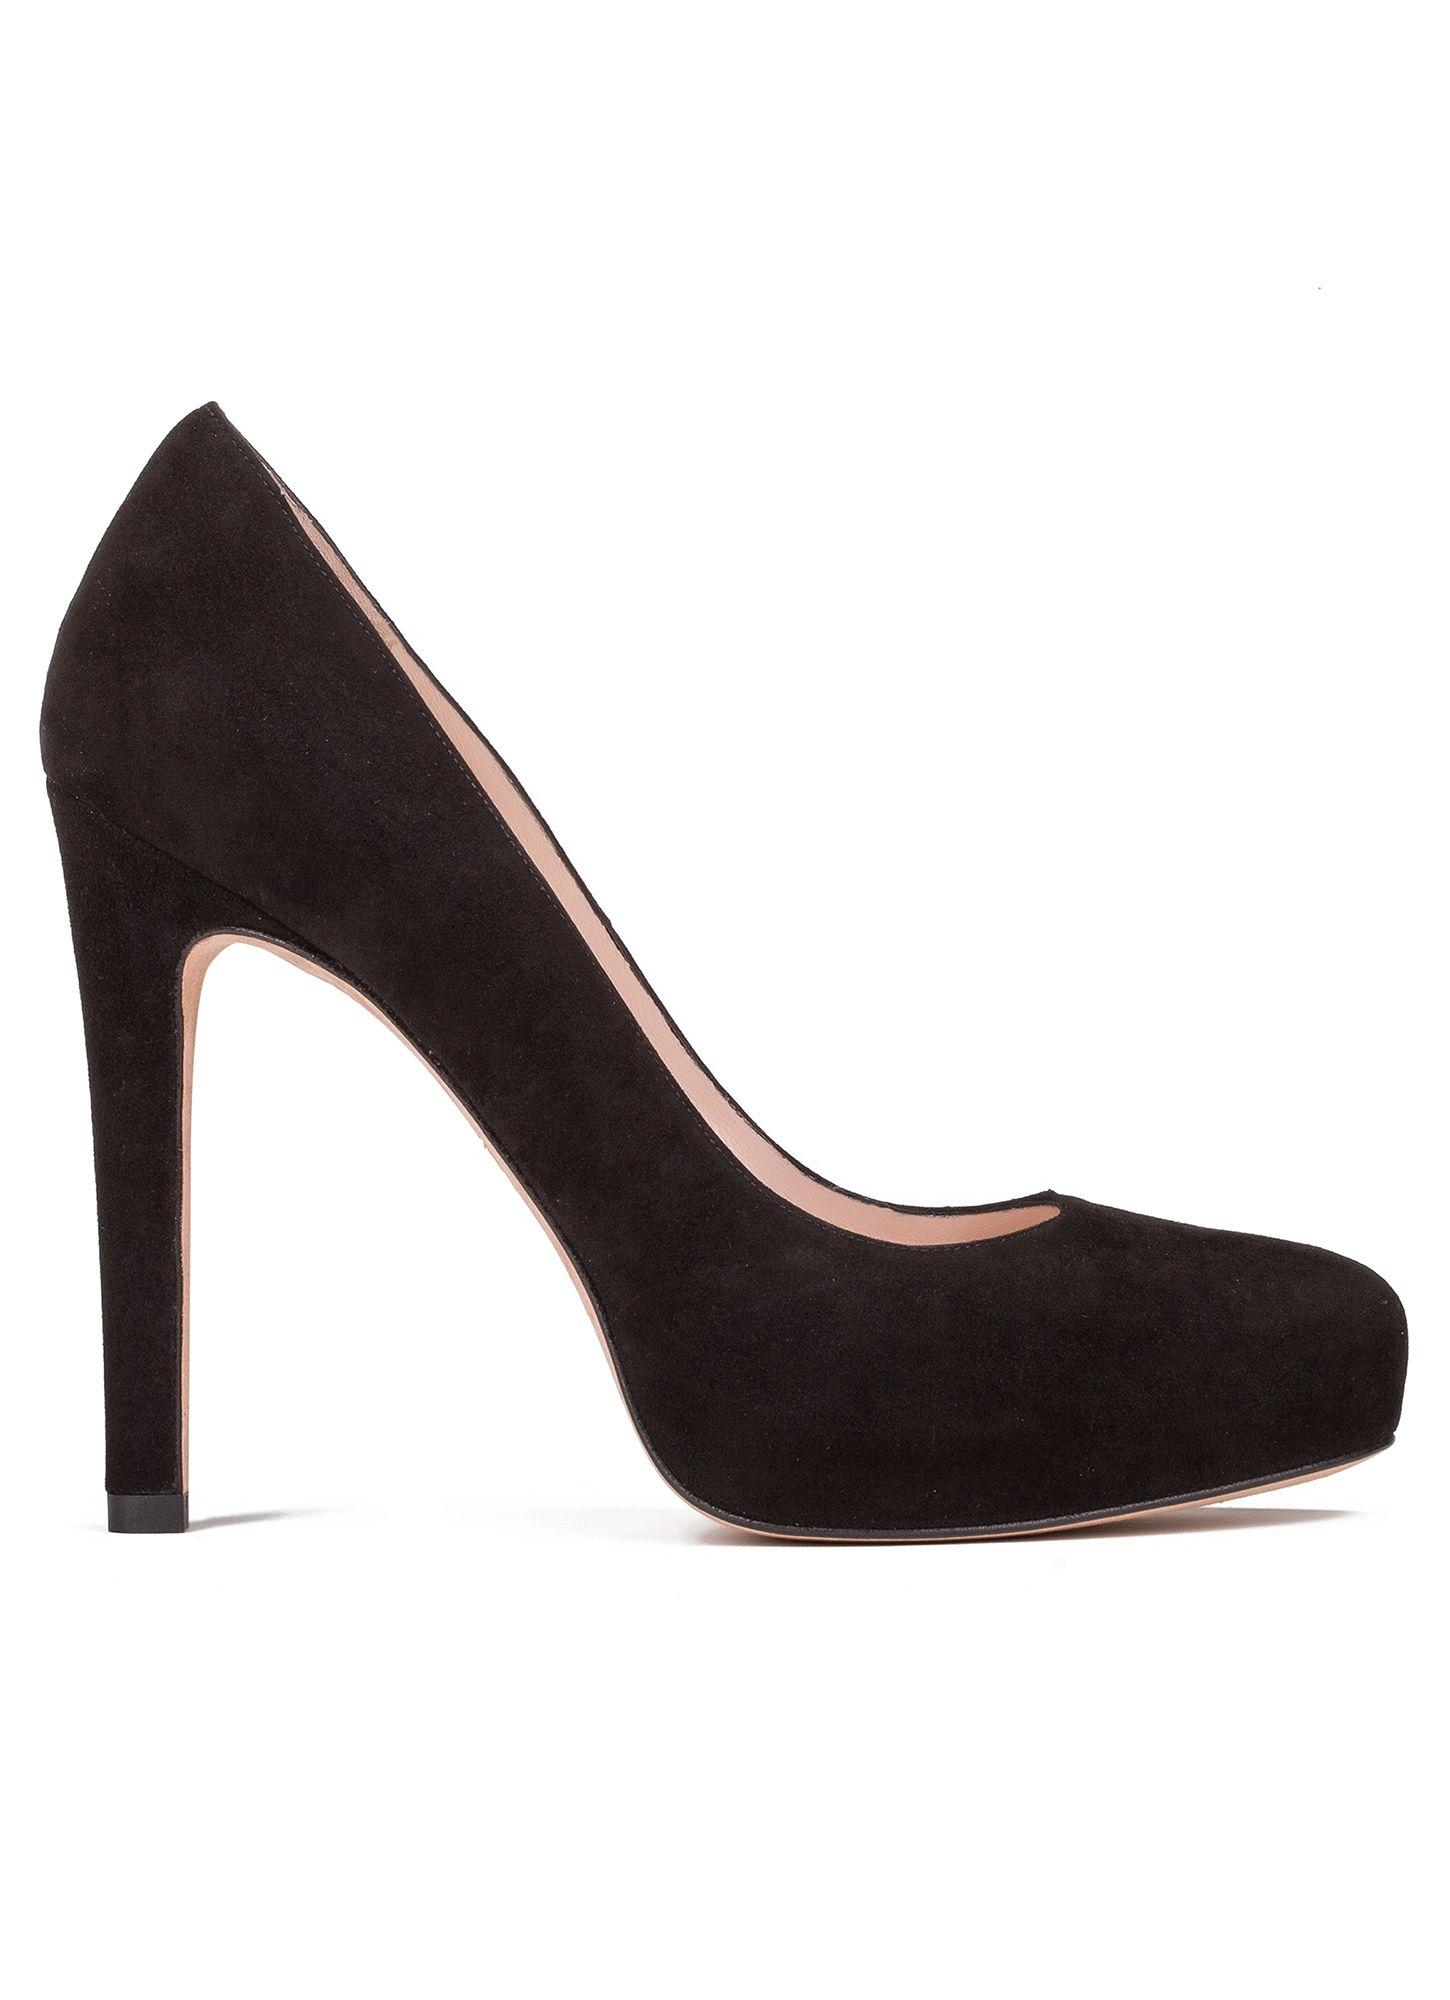 98beea921 High heel pumps in black suede - online shoe store Pura Lopez · PURA LOPEZ